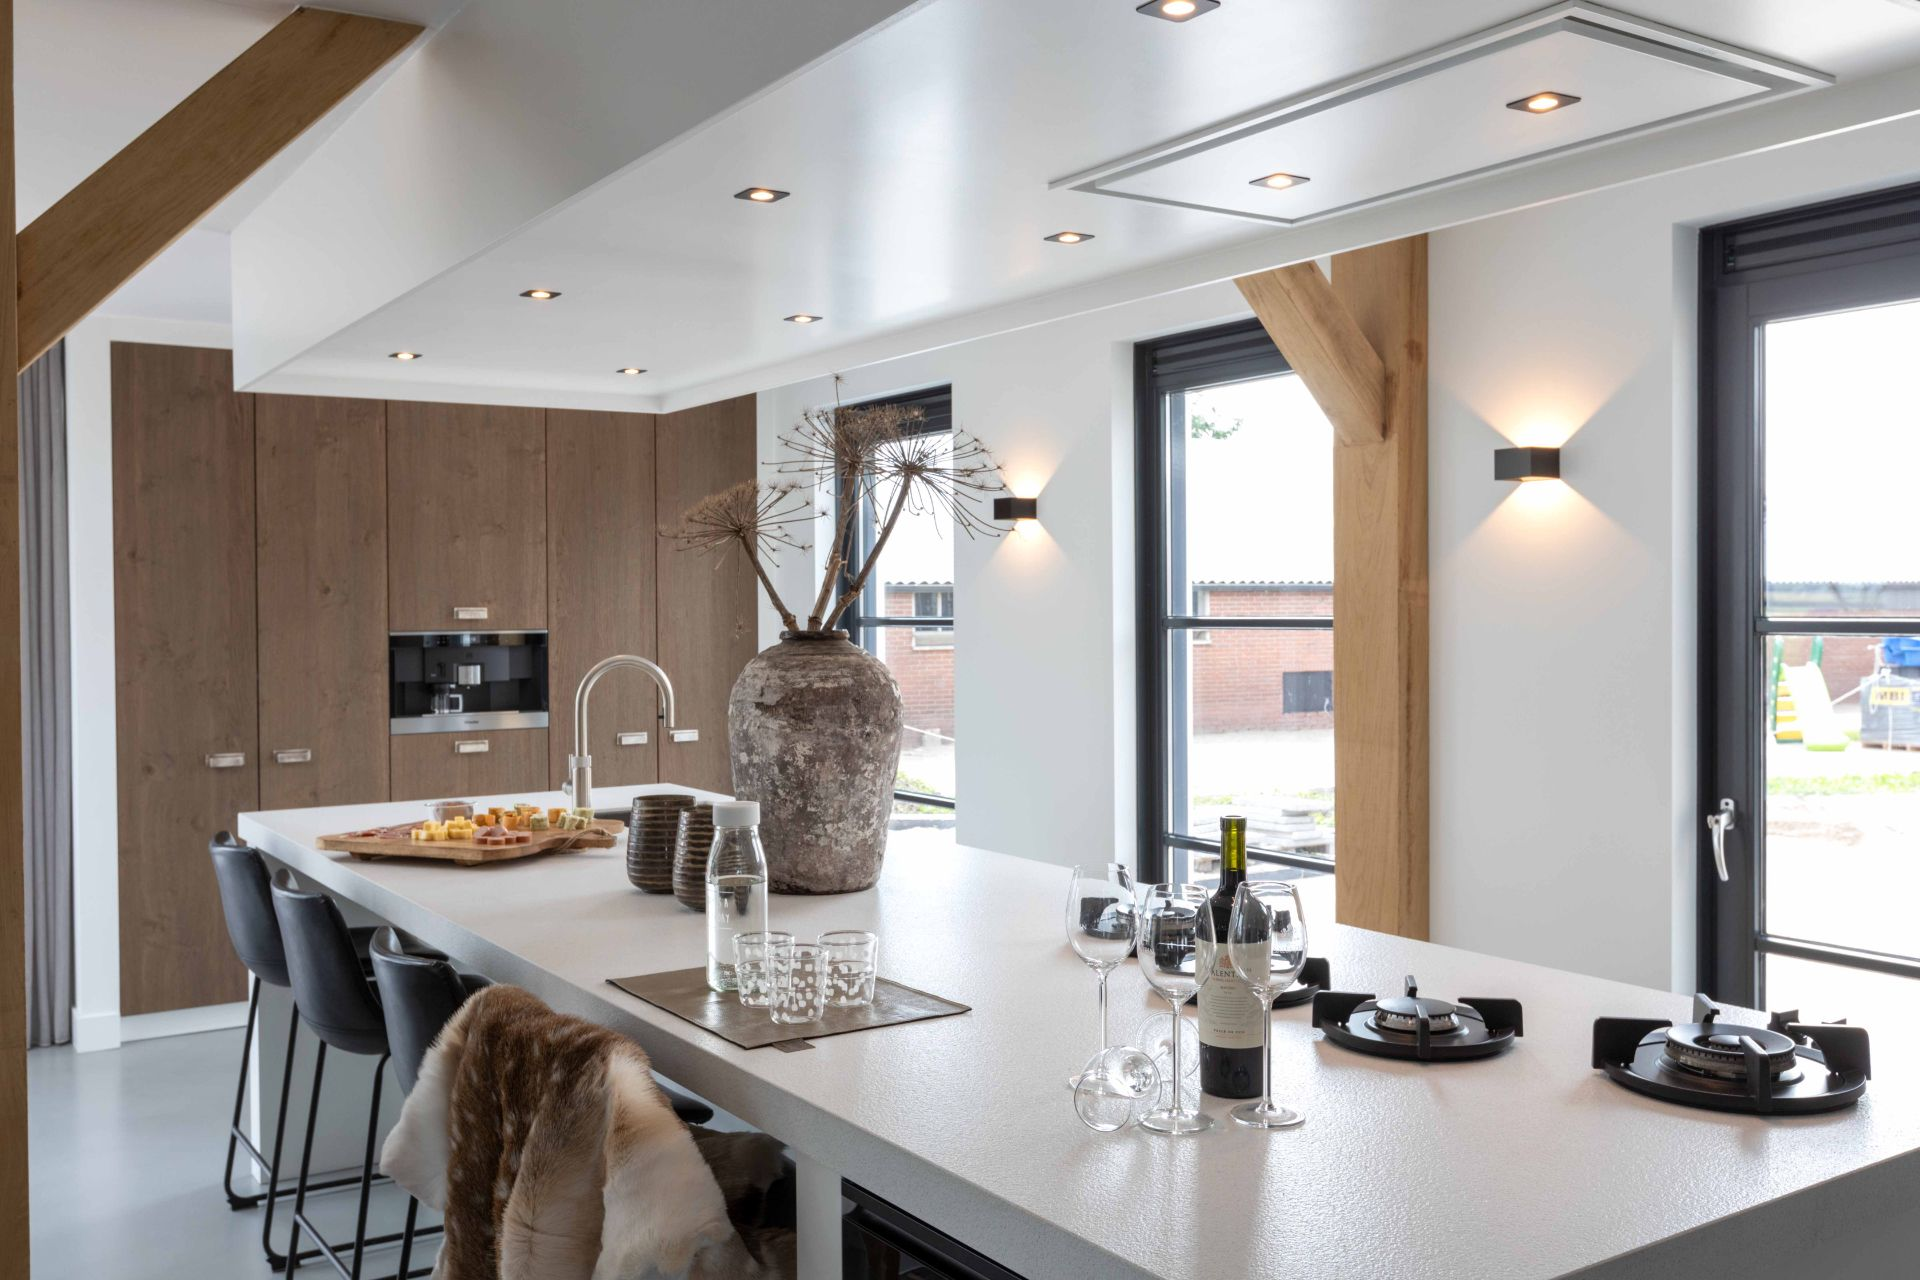 moderne landelijke keuken 07